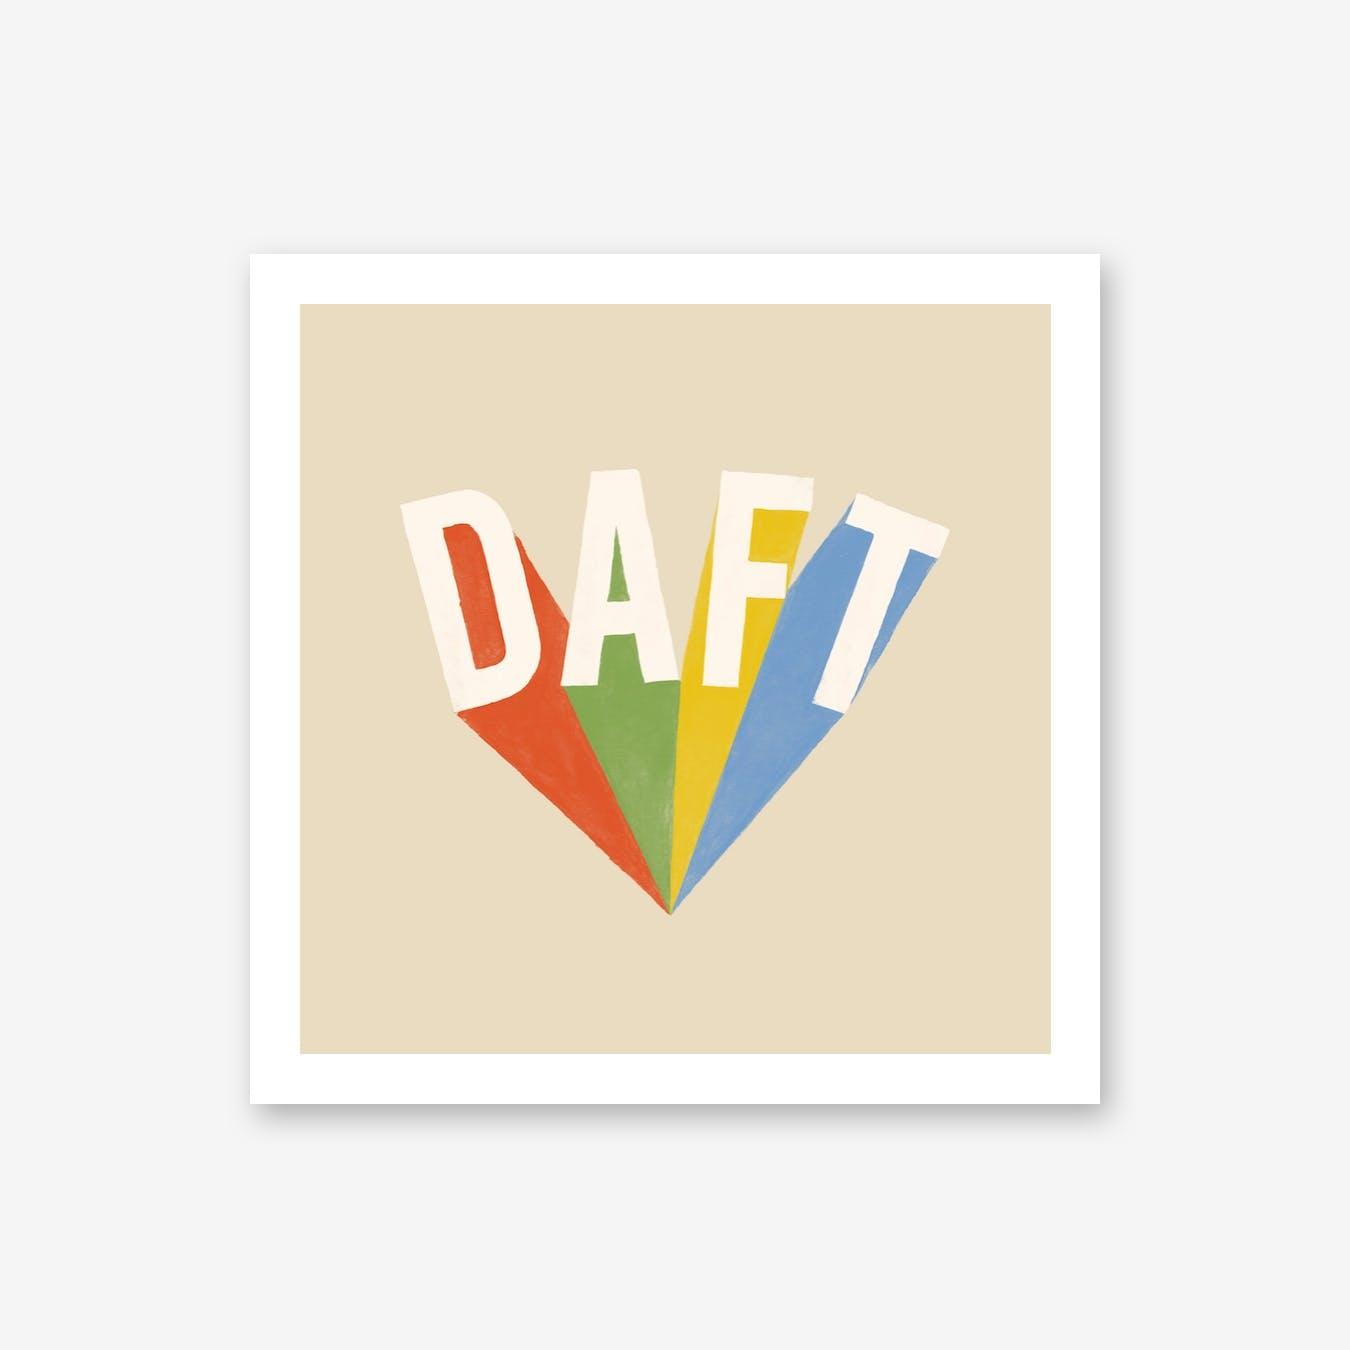 Daft Print